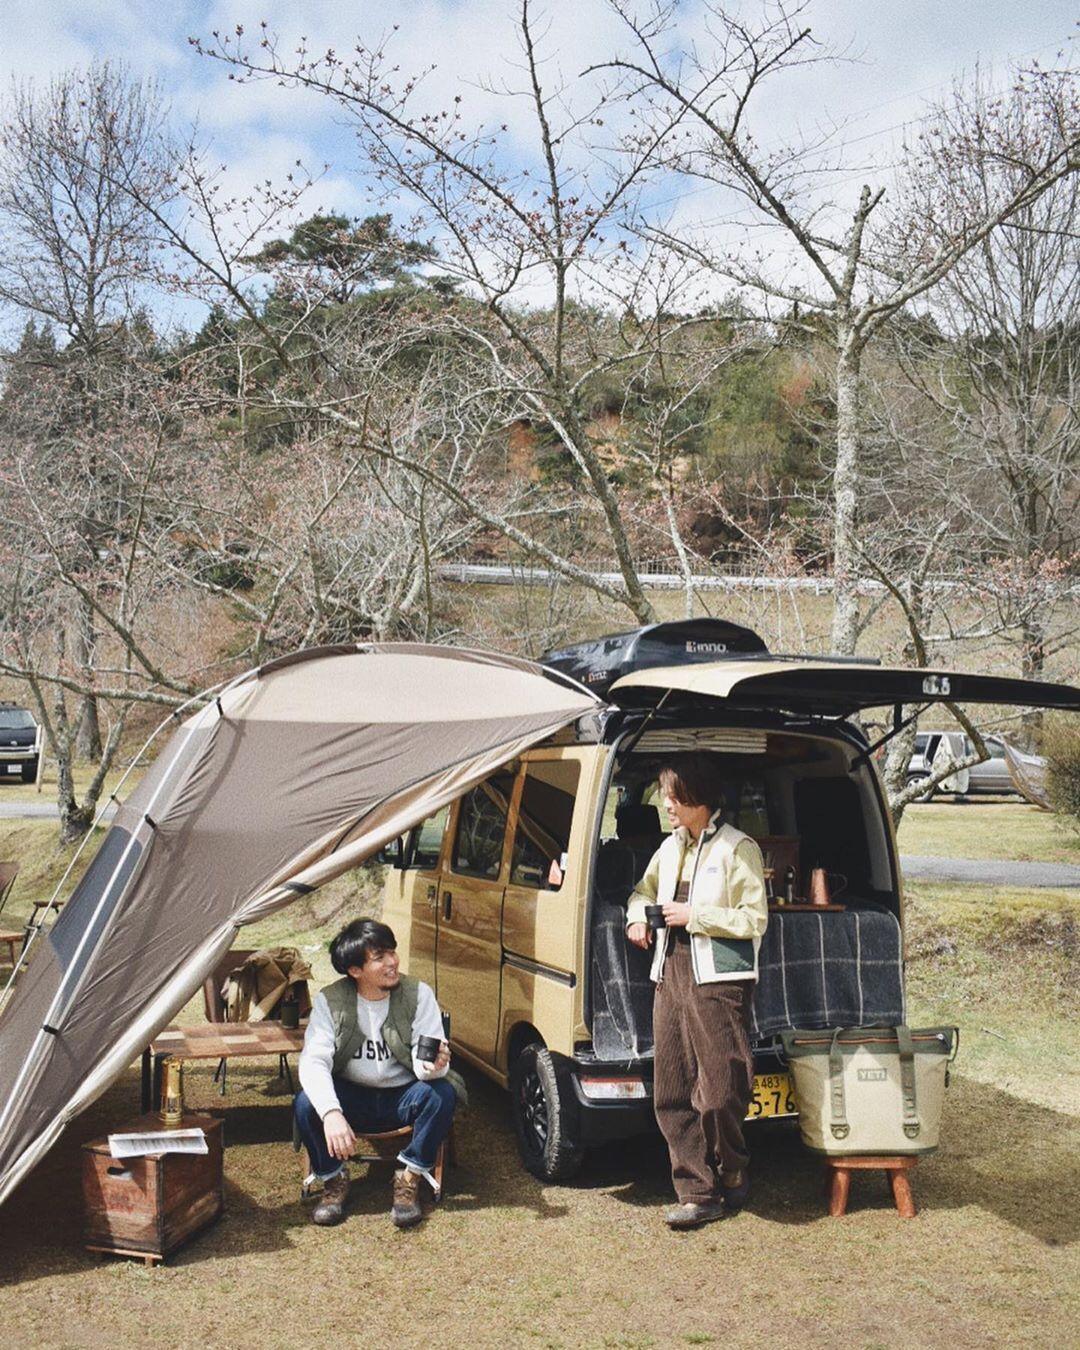 いいね 1 029件 コメント16件 ゆーか Camp Yuuca Mp のinstagramアカウント カーサイドシェルター始めました 長期休みはキャンプ旅が定番じゃけん旅しやすいキャンプスタイルを模索中 キャンプ シェルター アウトドア